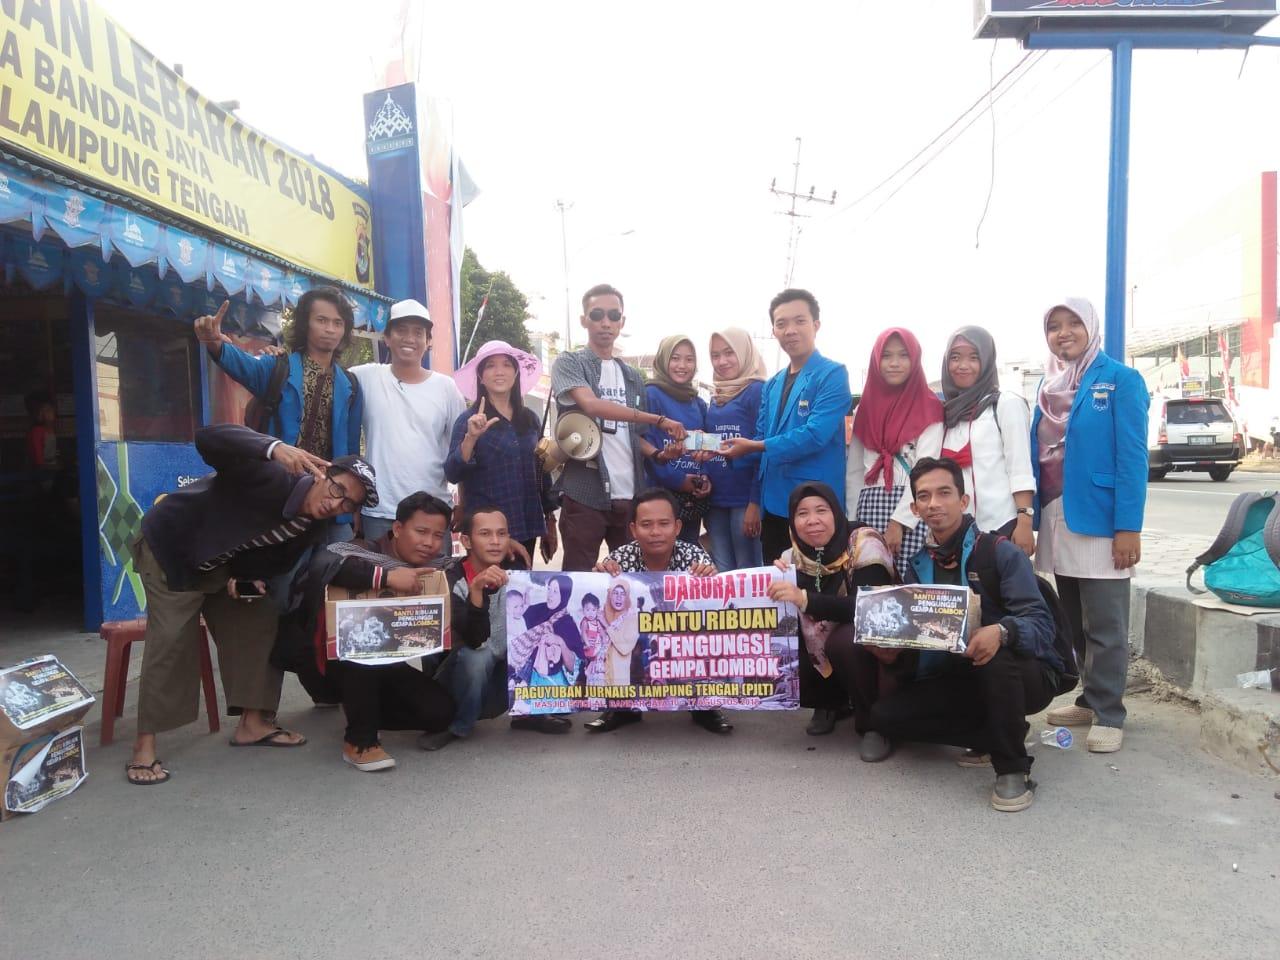 Paguyuban LTB dan PMII Turut Bergabung Dengan Jurnalist Lamteng Galang Dana Peduli Lombok